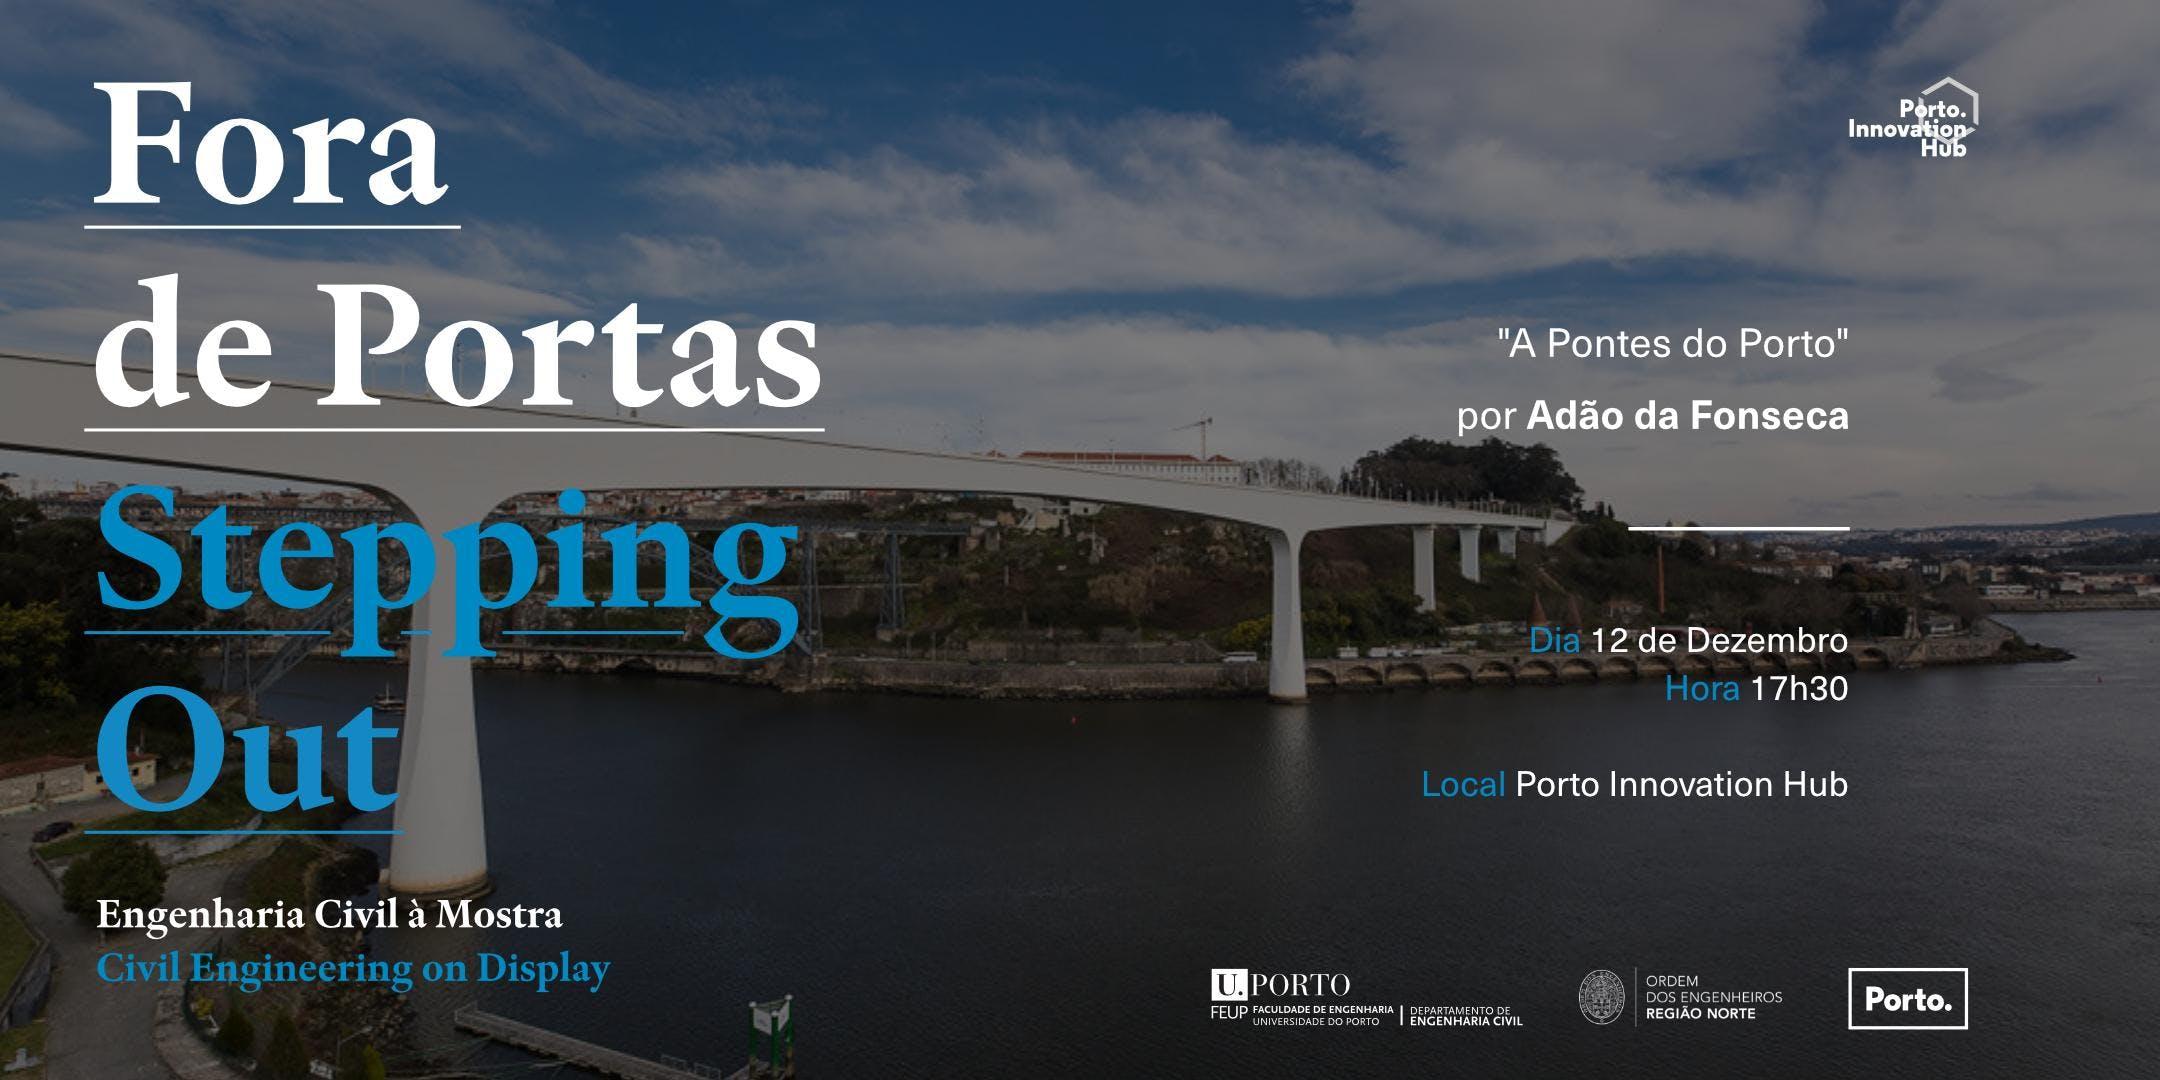 Ciclo Inovação Fora de Portas | As Pontes do Porto